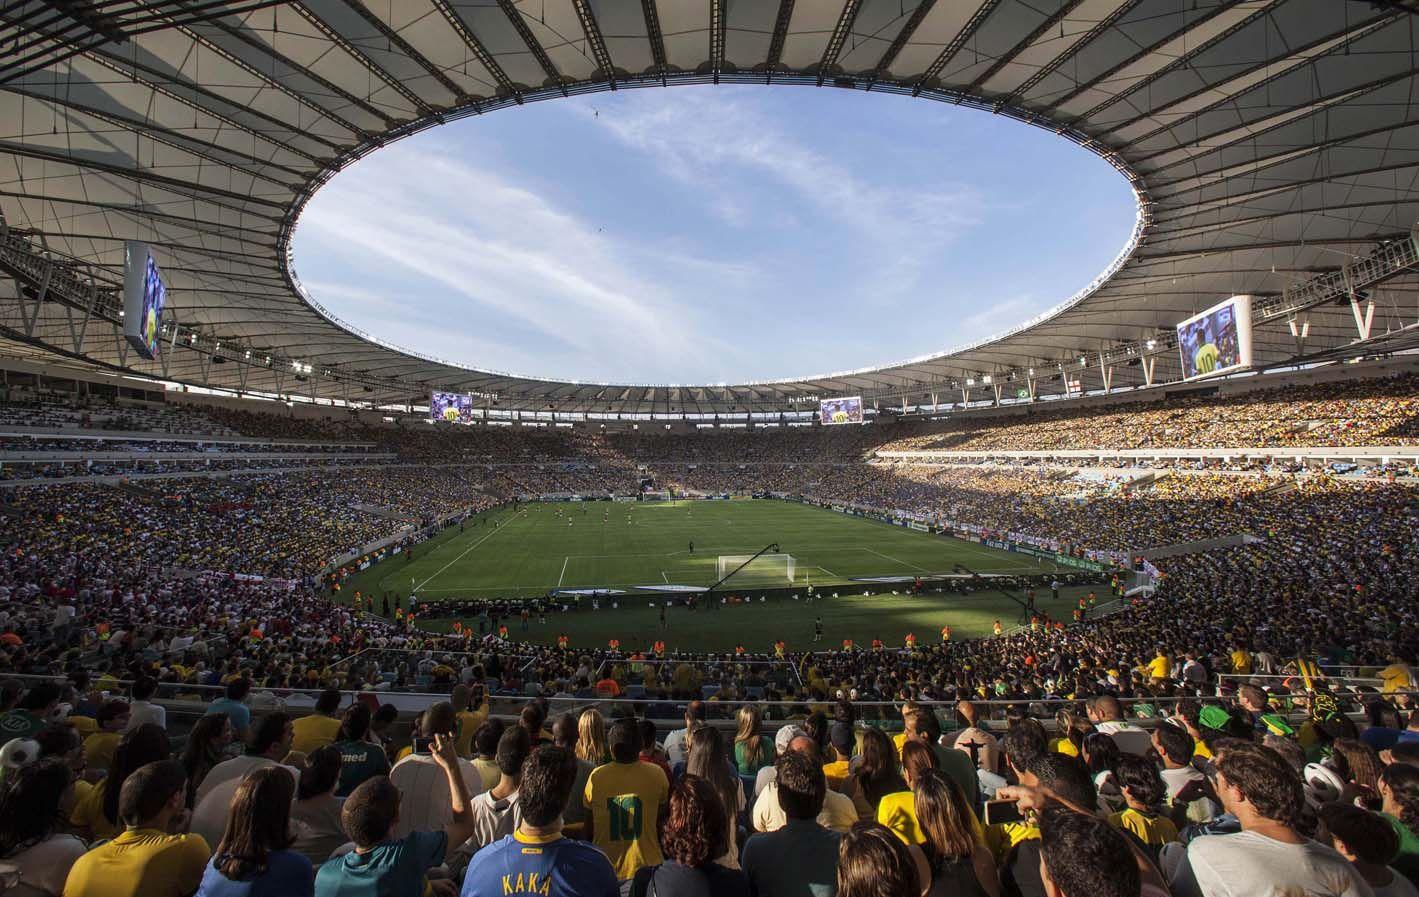 El célebre Jornalista Mario Filho ahora tiene capacidad para 79.000 espectadores.